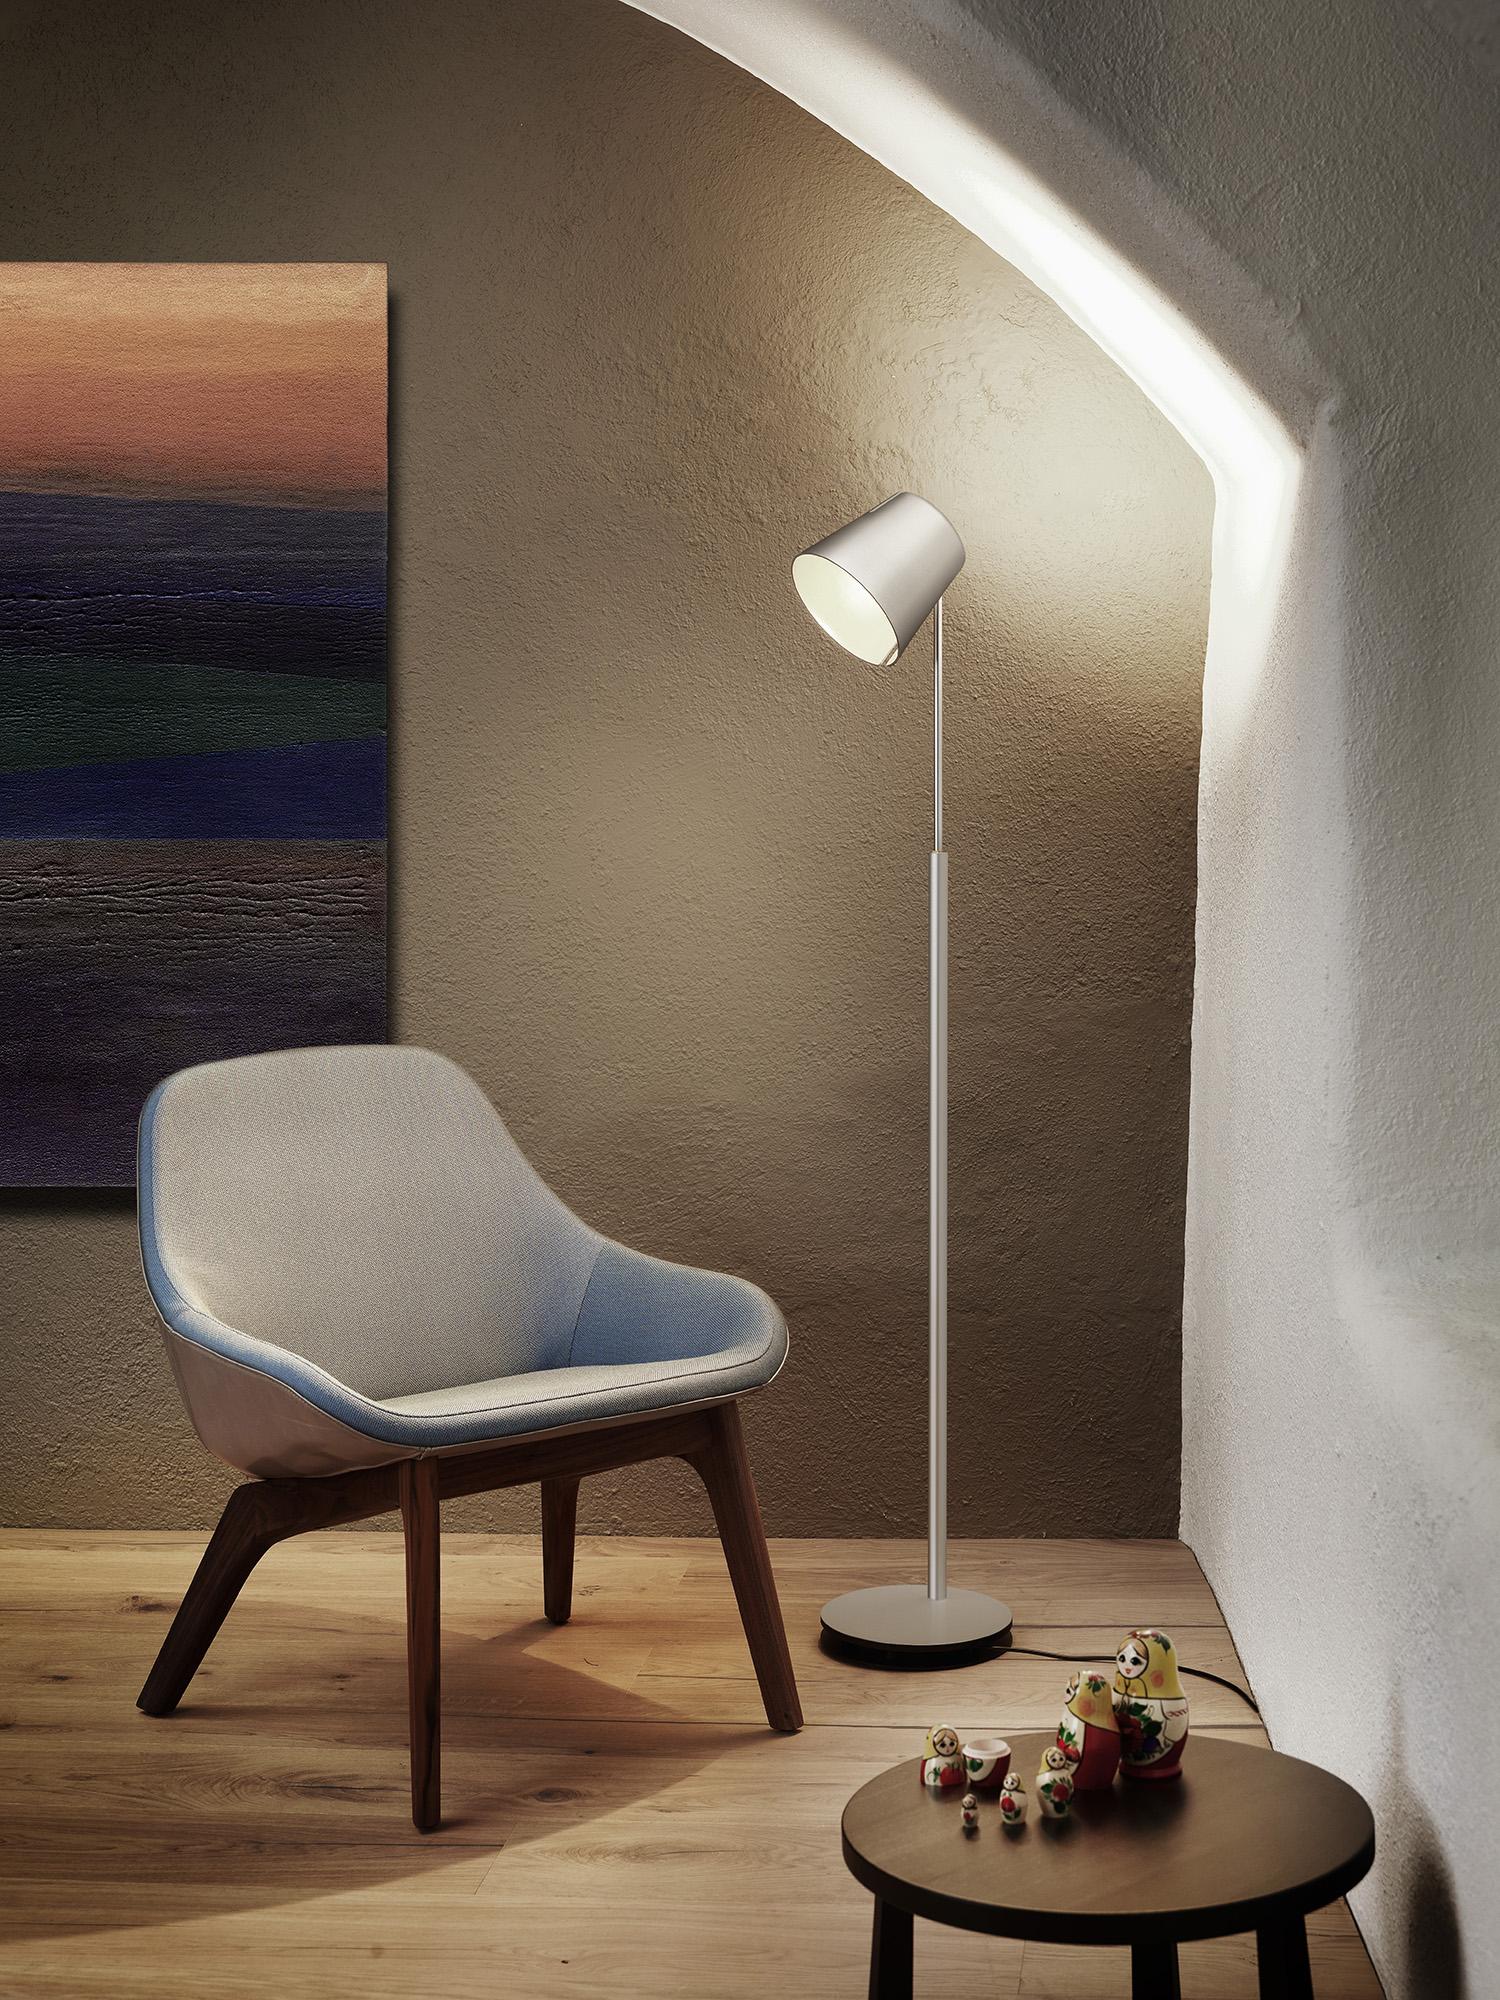 Stehleuchte FEZ , Alu CHF 1'085.00 Höhe 100 - 170 cm, LED, direktes / indirektes Licht Auch erhältlich in bronze, schwarz oder weiss.